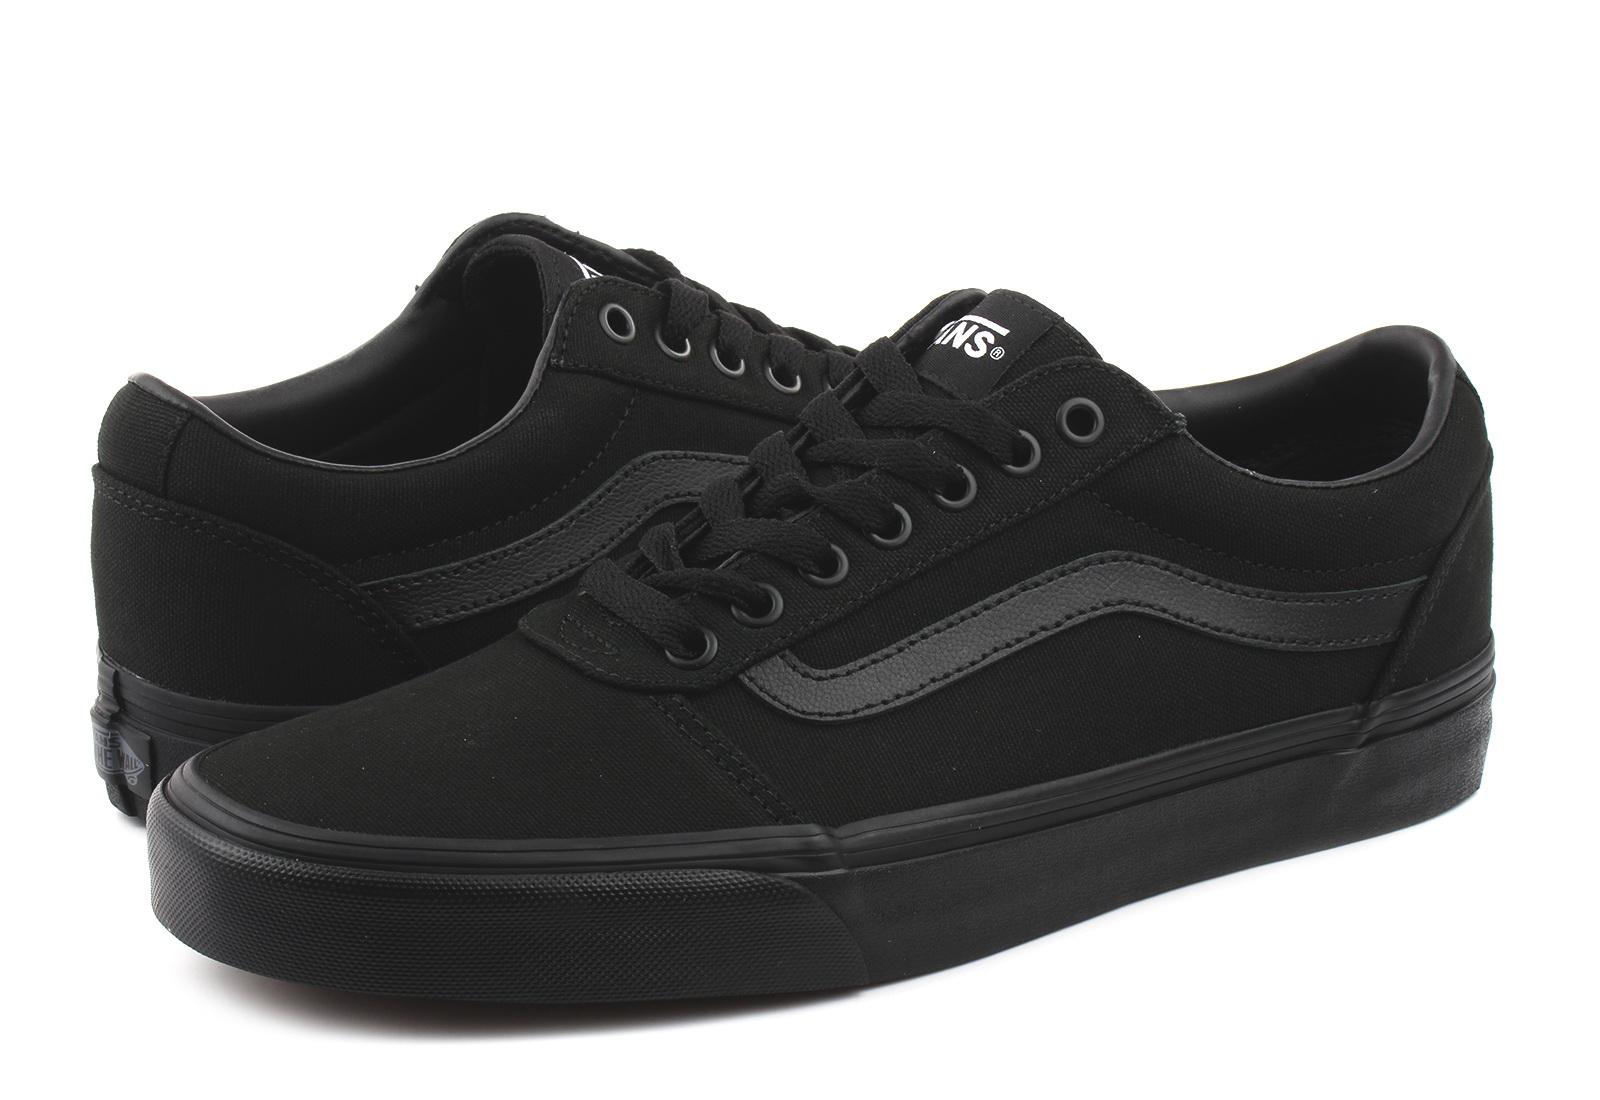 af69c6f4b8 Vans Shoes - Mn Ward - VA38DM186 - Online shop for sneakers ...